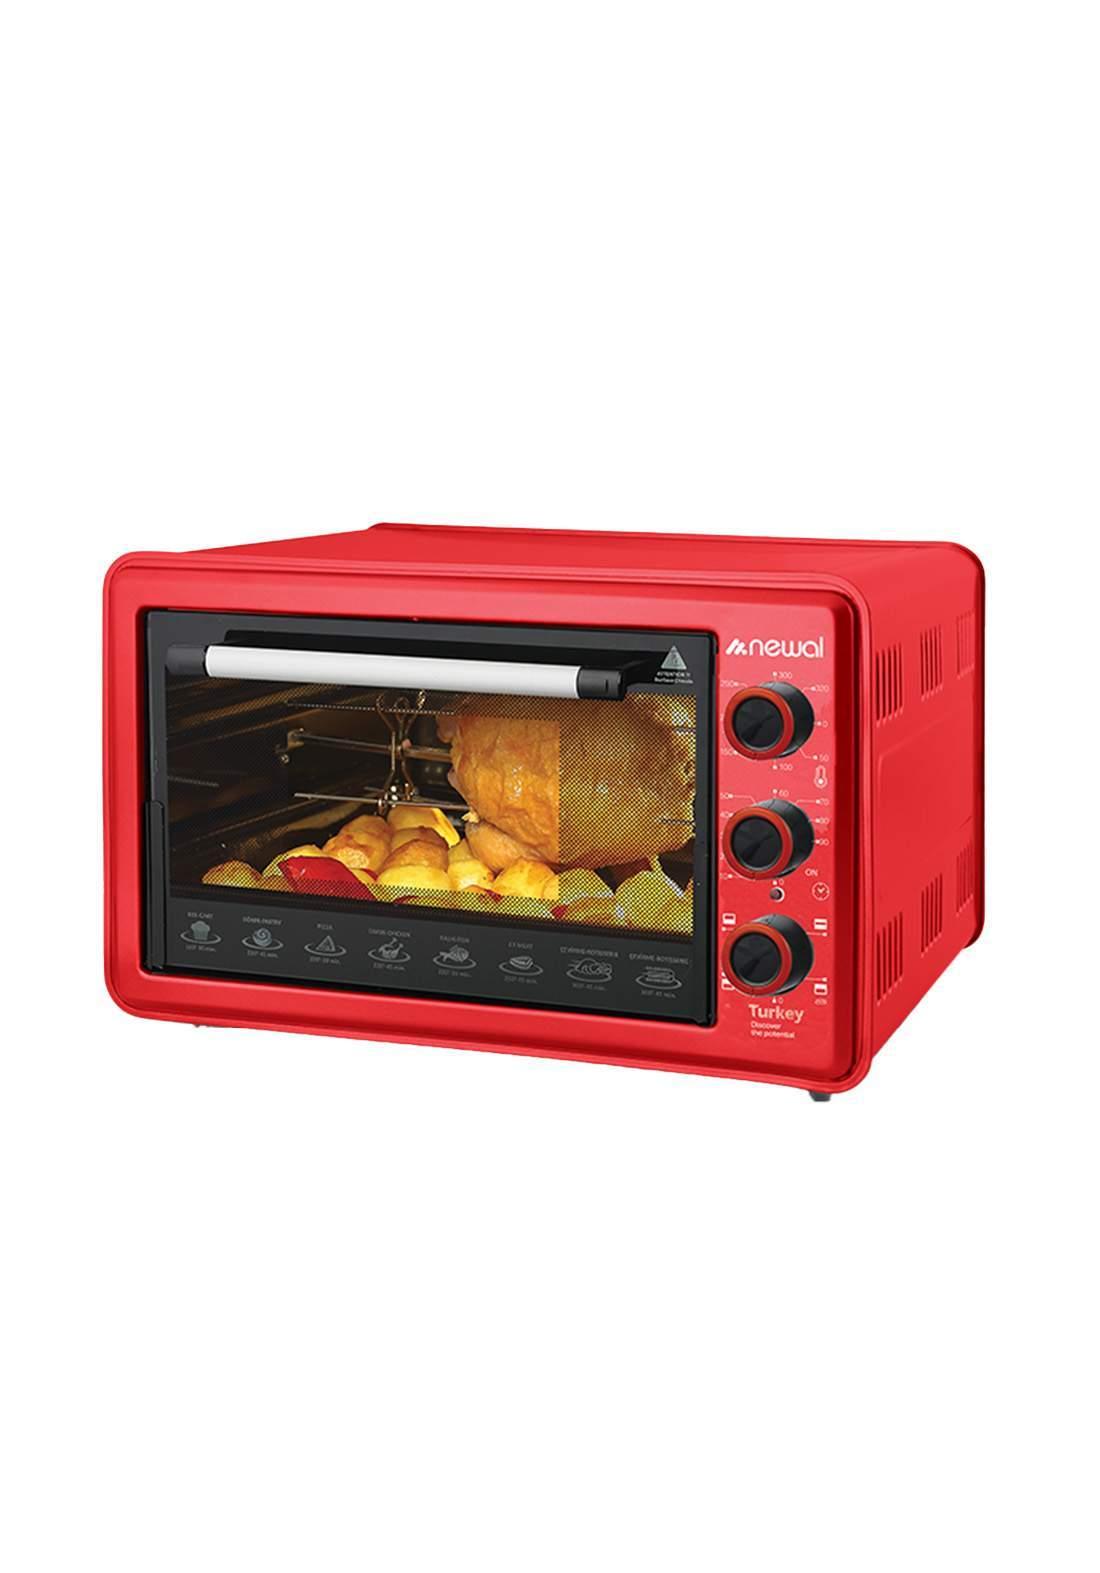 Newal Mini Oven 36L MOV-365-03 - Red فرن كهربائي